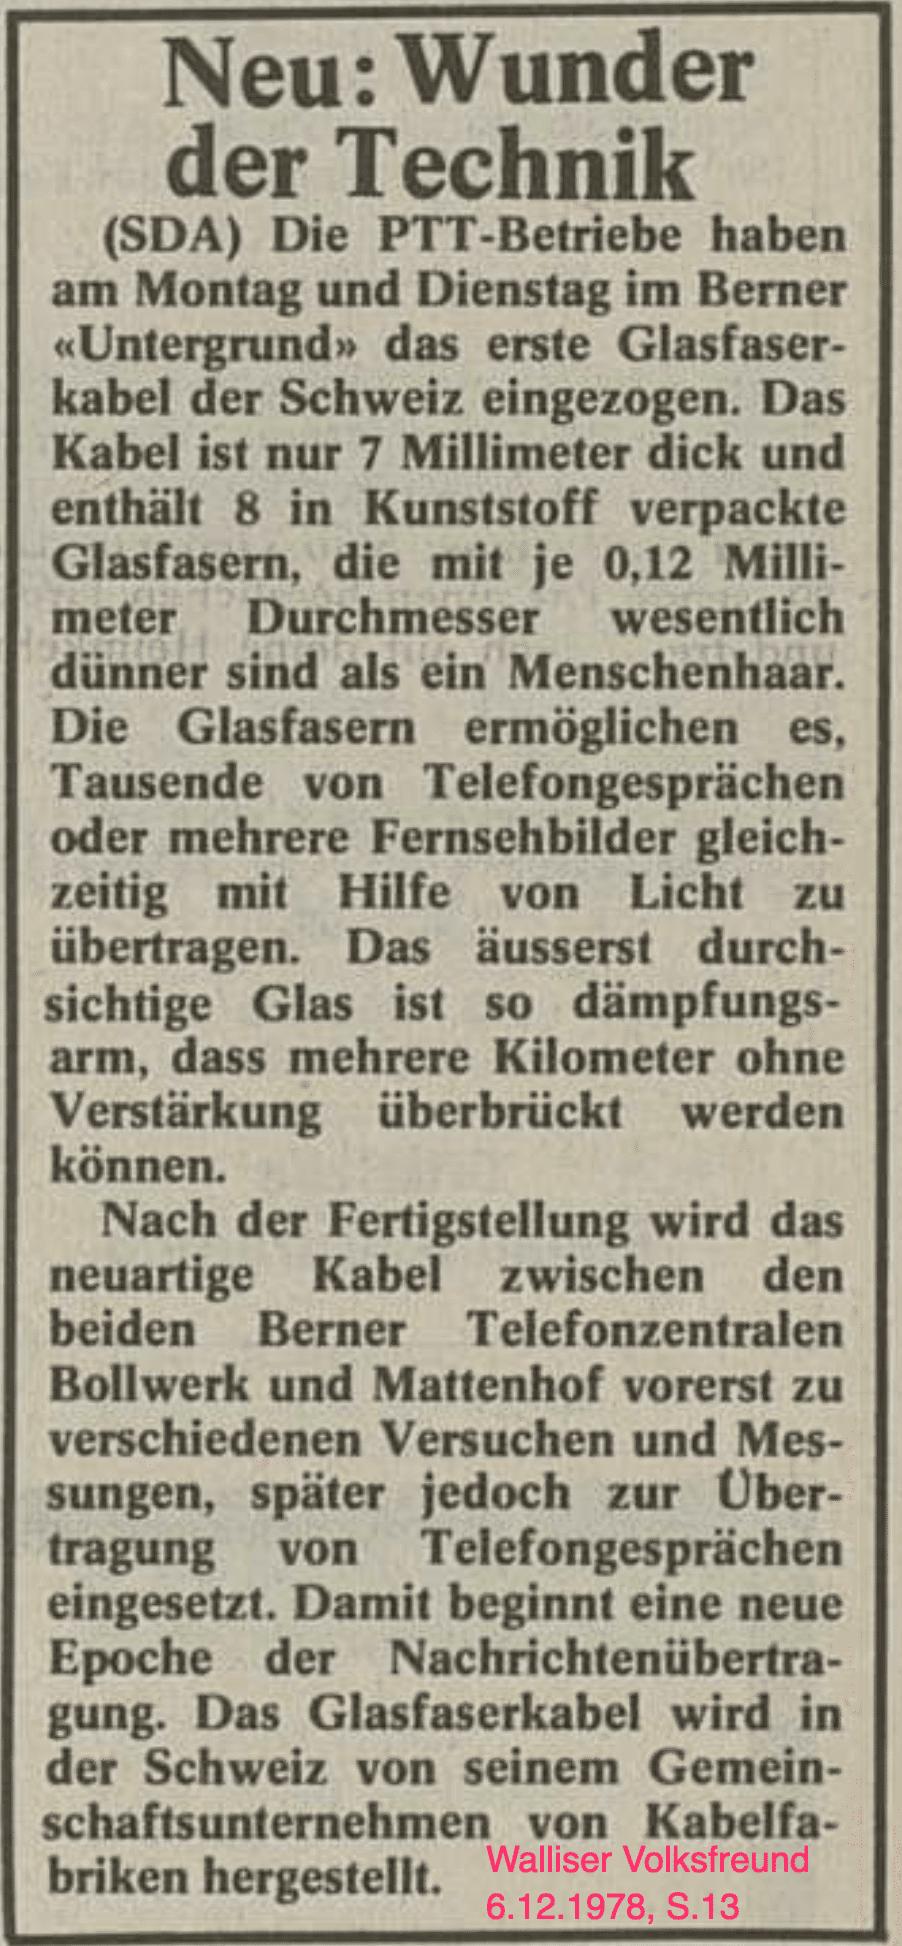 1978 wurde in der Schweiz das erste Glasfaser-Kabel verlegt.